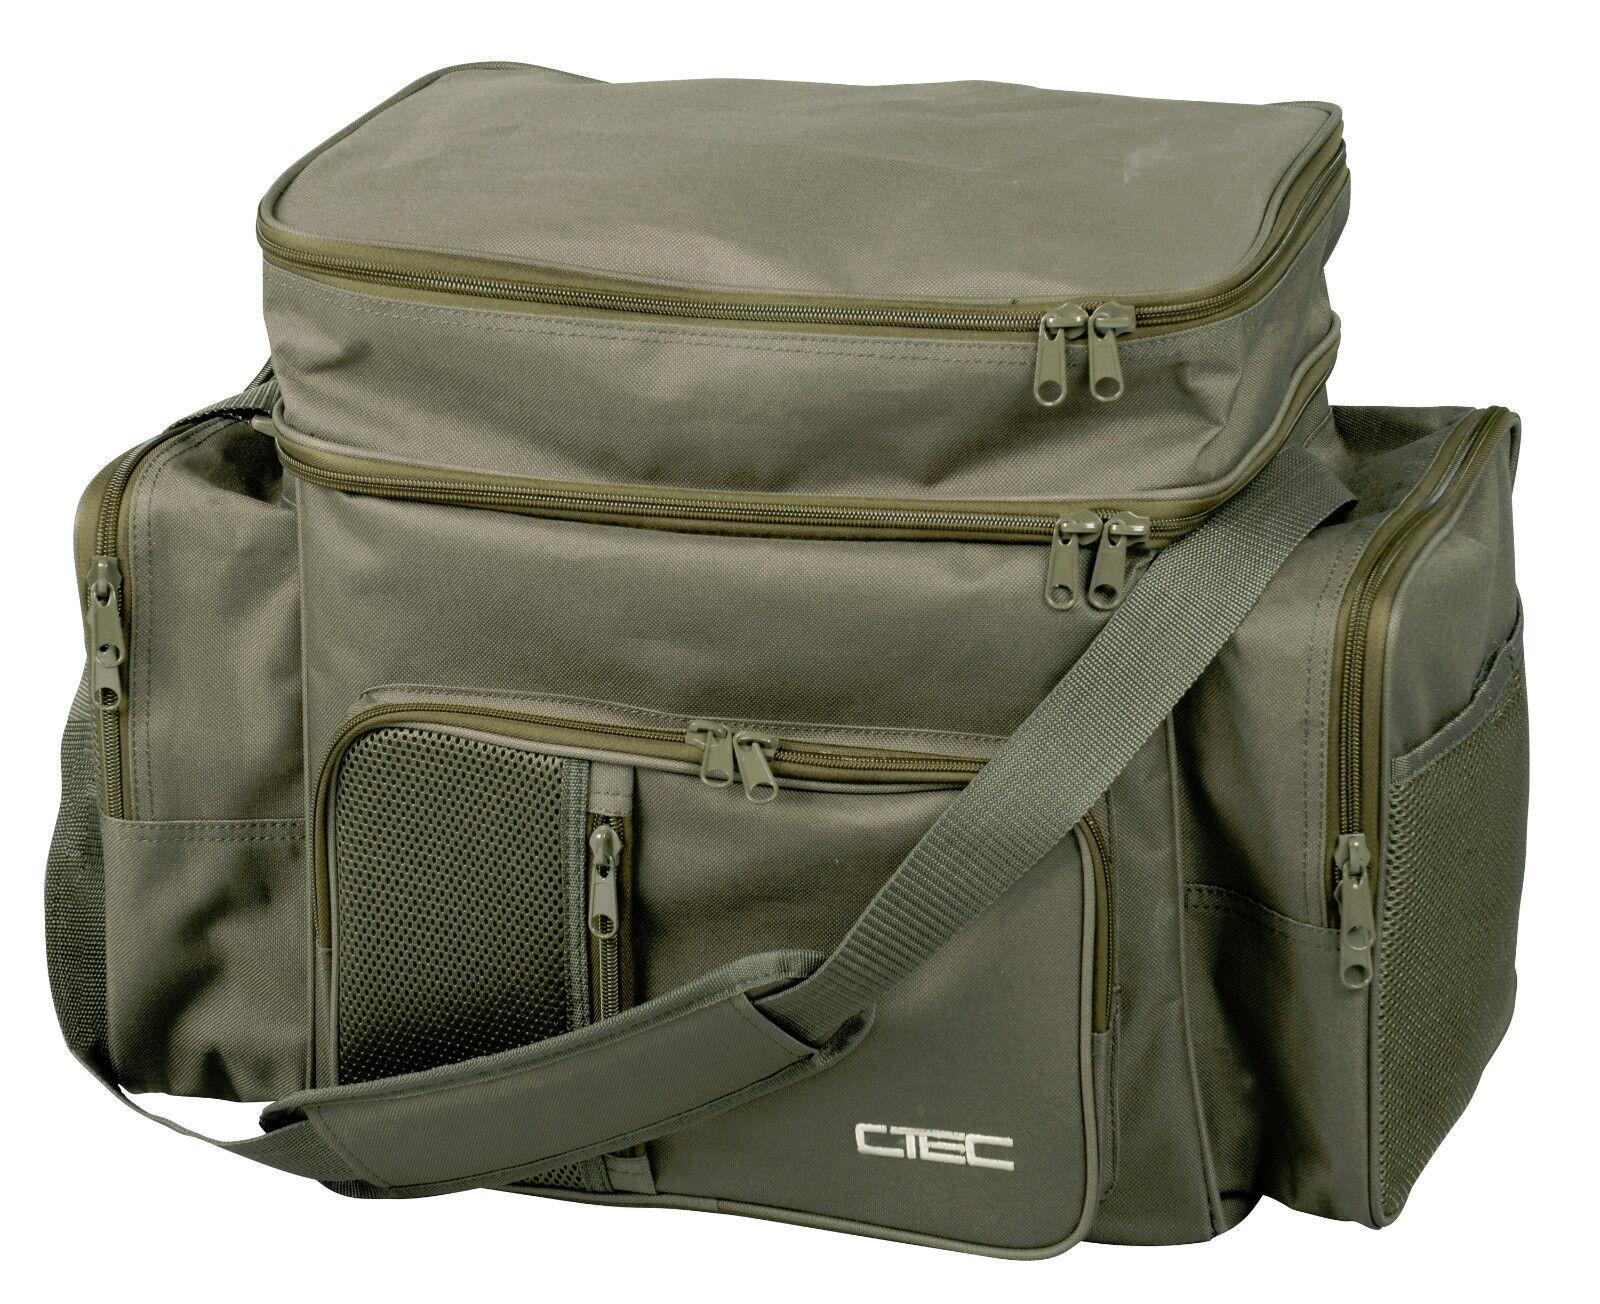 Borsa da pesca C-Tec Base Bag 6405014 51x39x30cm